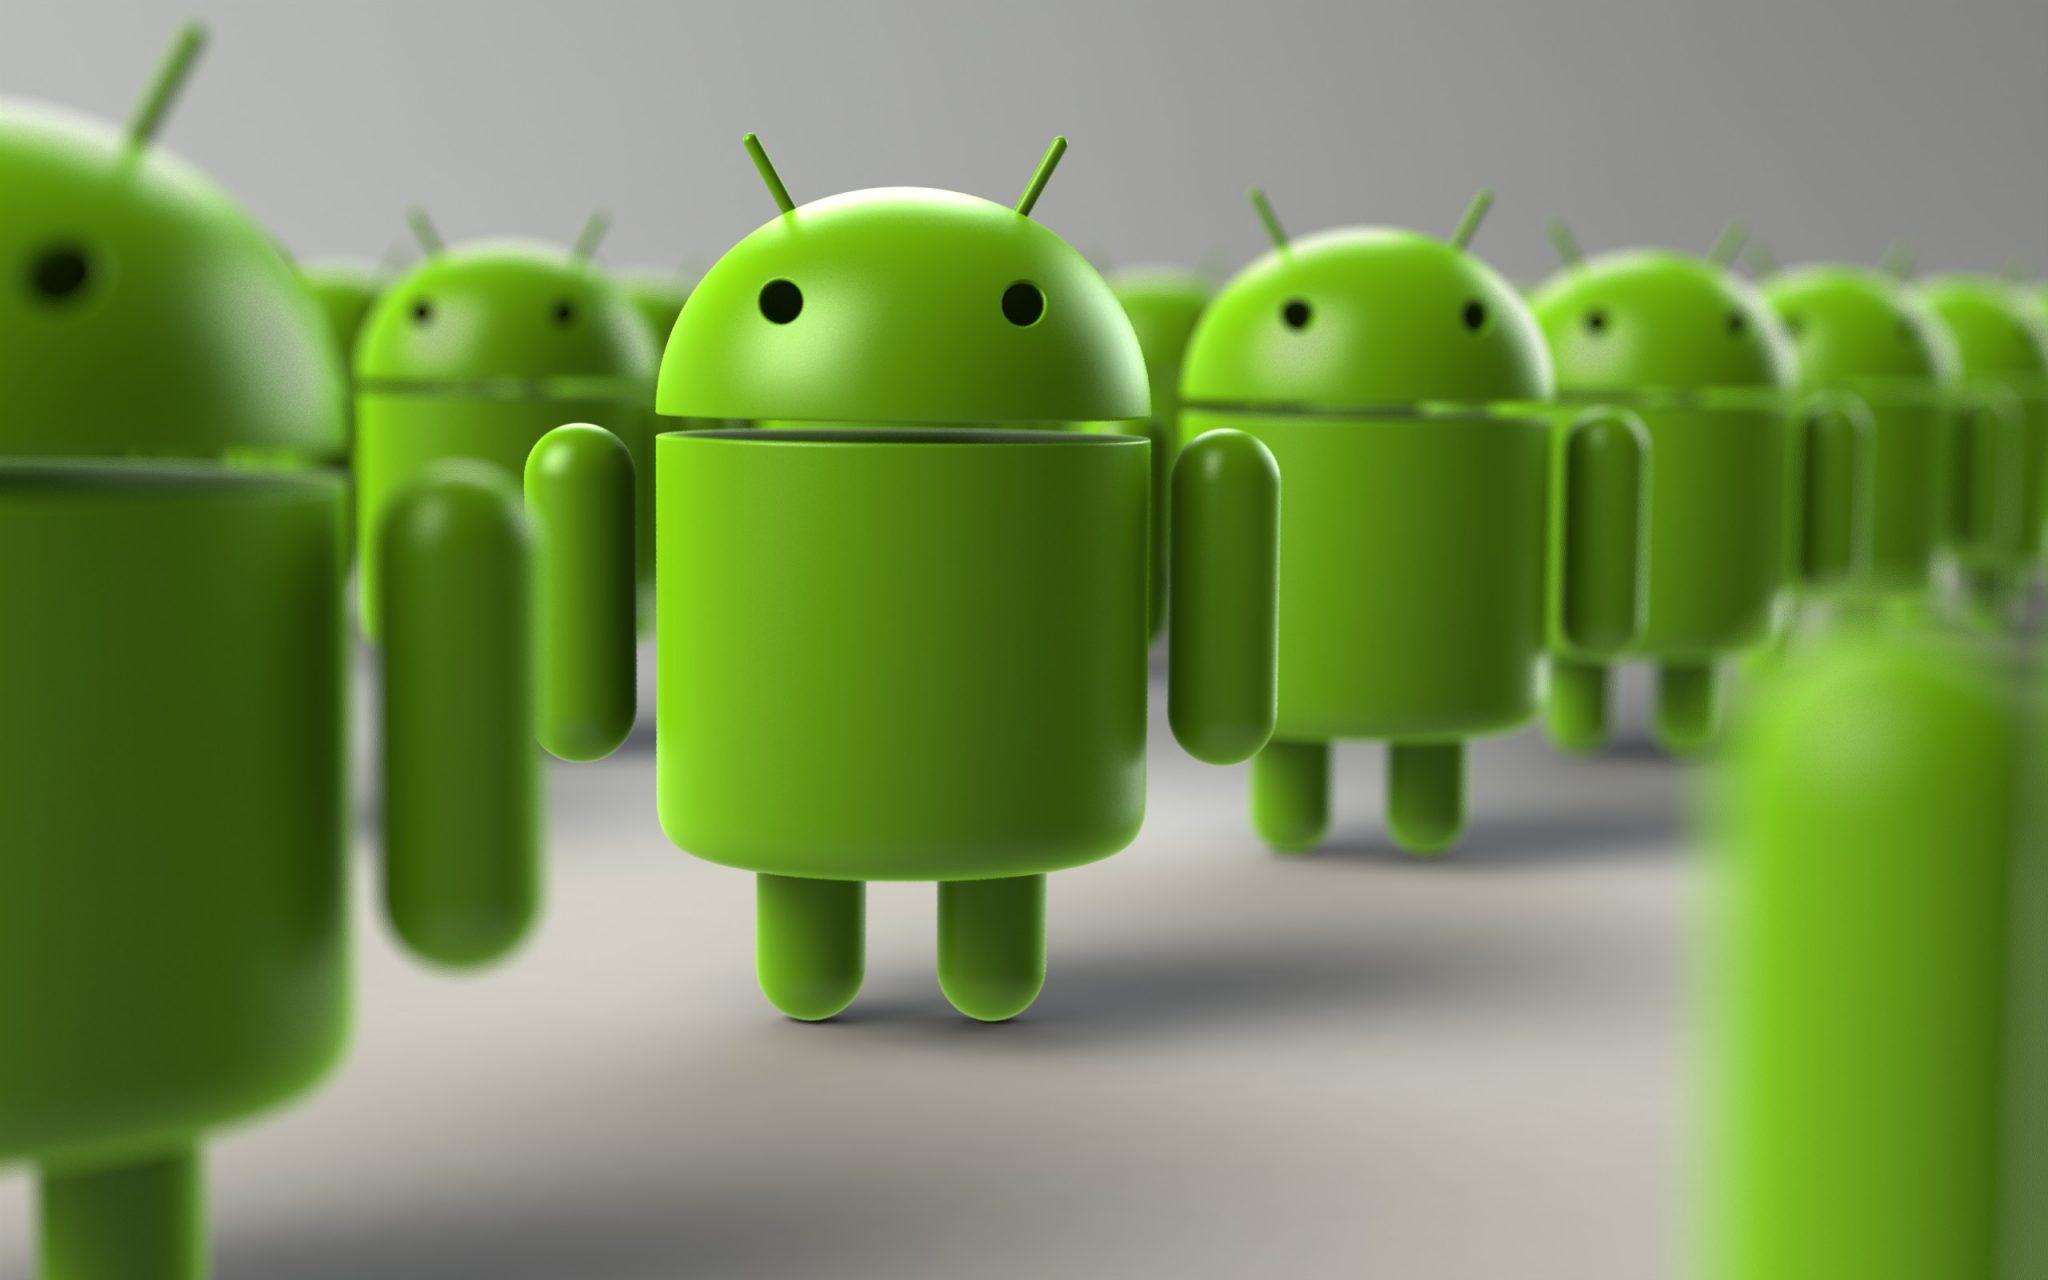 Новая версия Android обеспечит увеличение длительности жизни телефонных батареек почти втрое